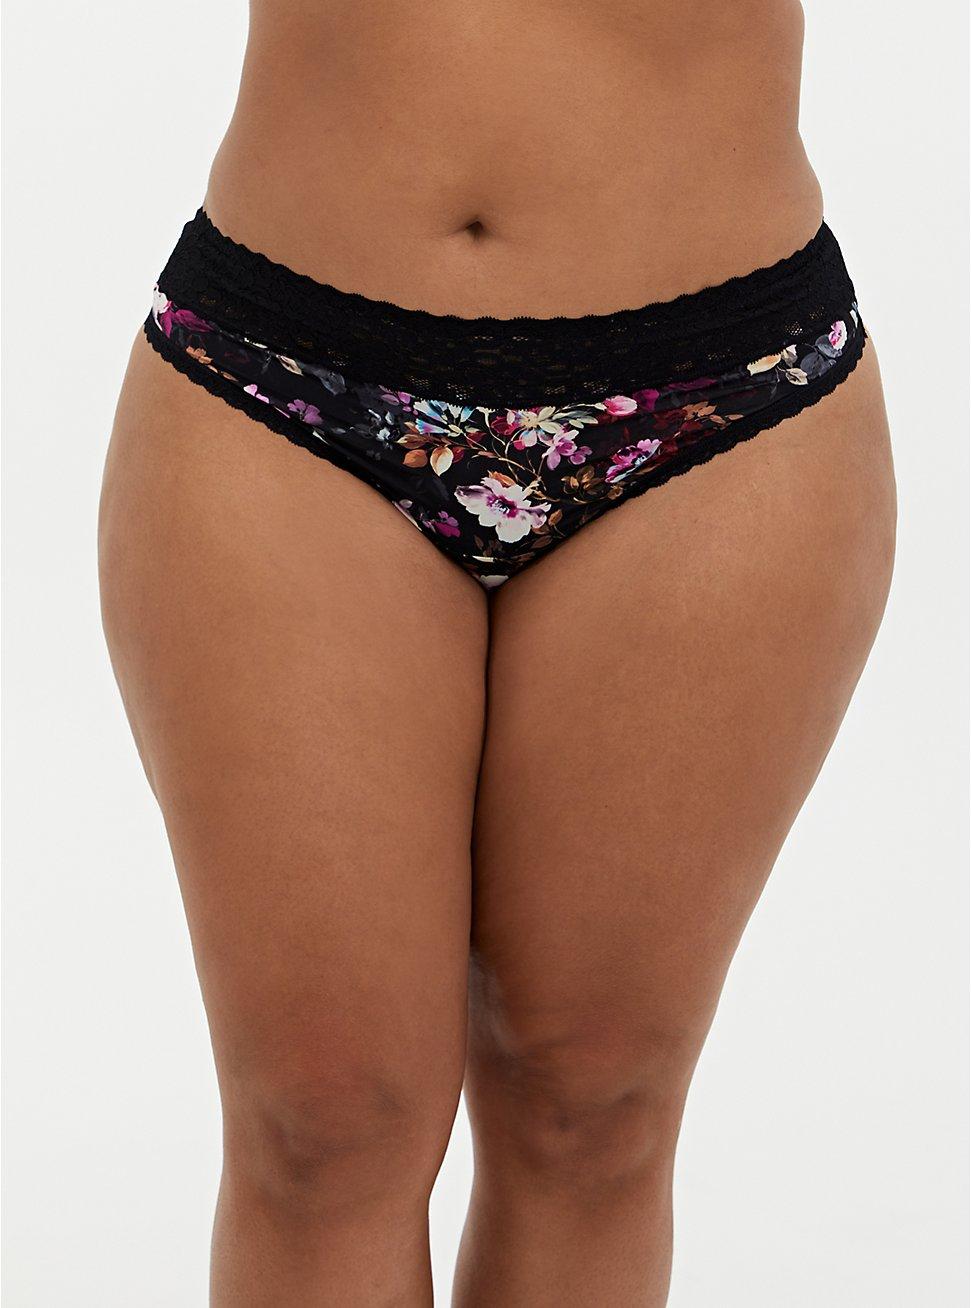 Black Floral Second Skin Thong Panty, REGAL FLORAL, hi-res